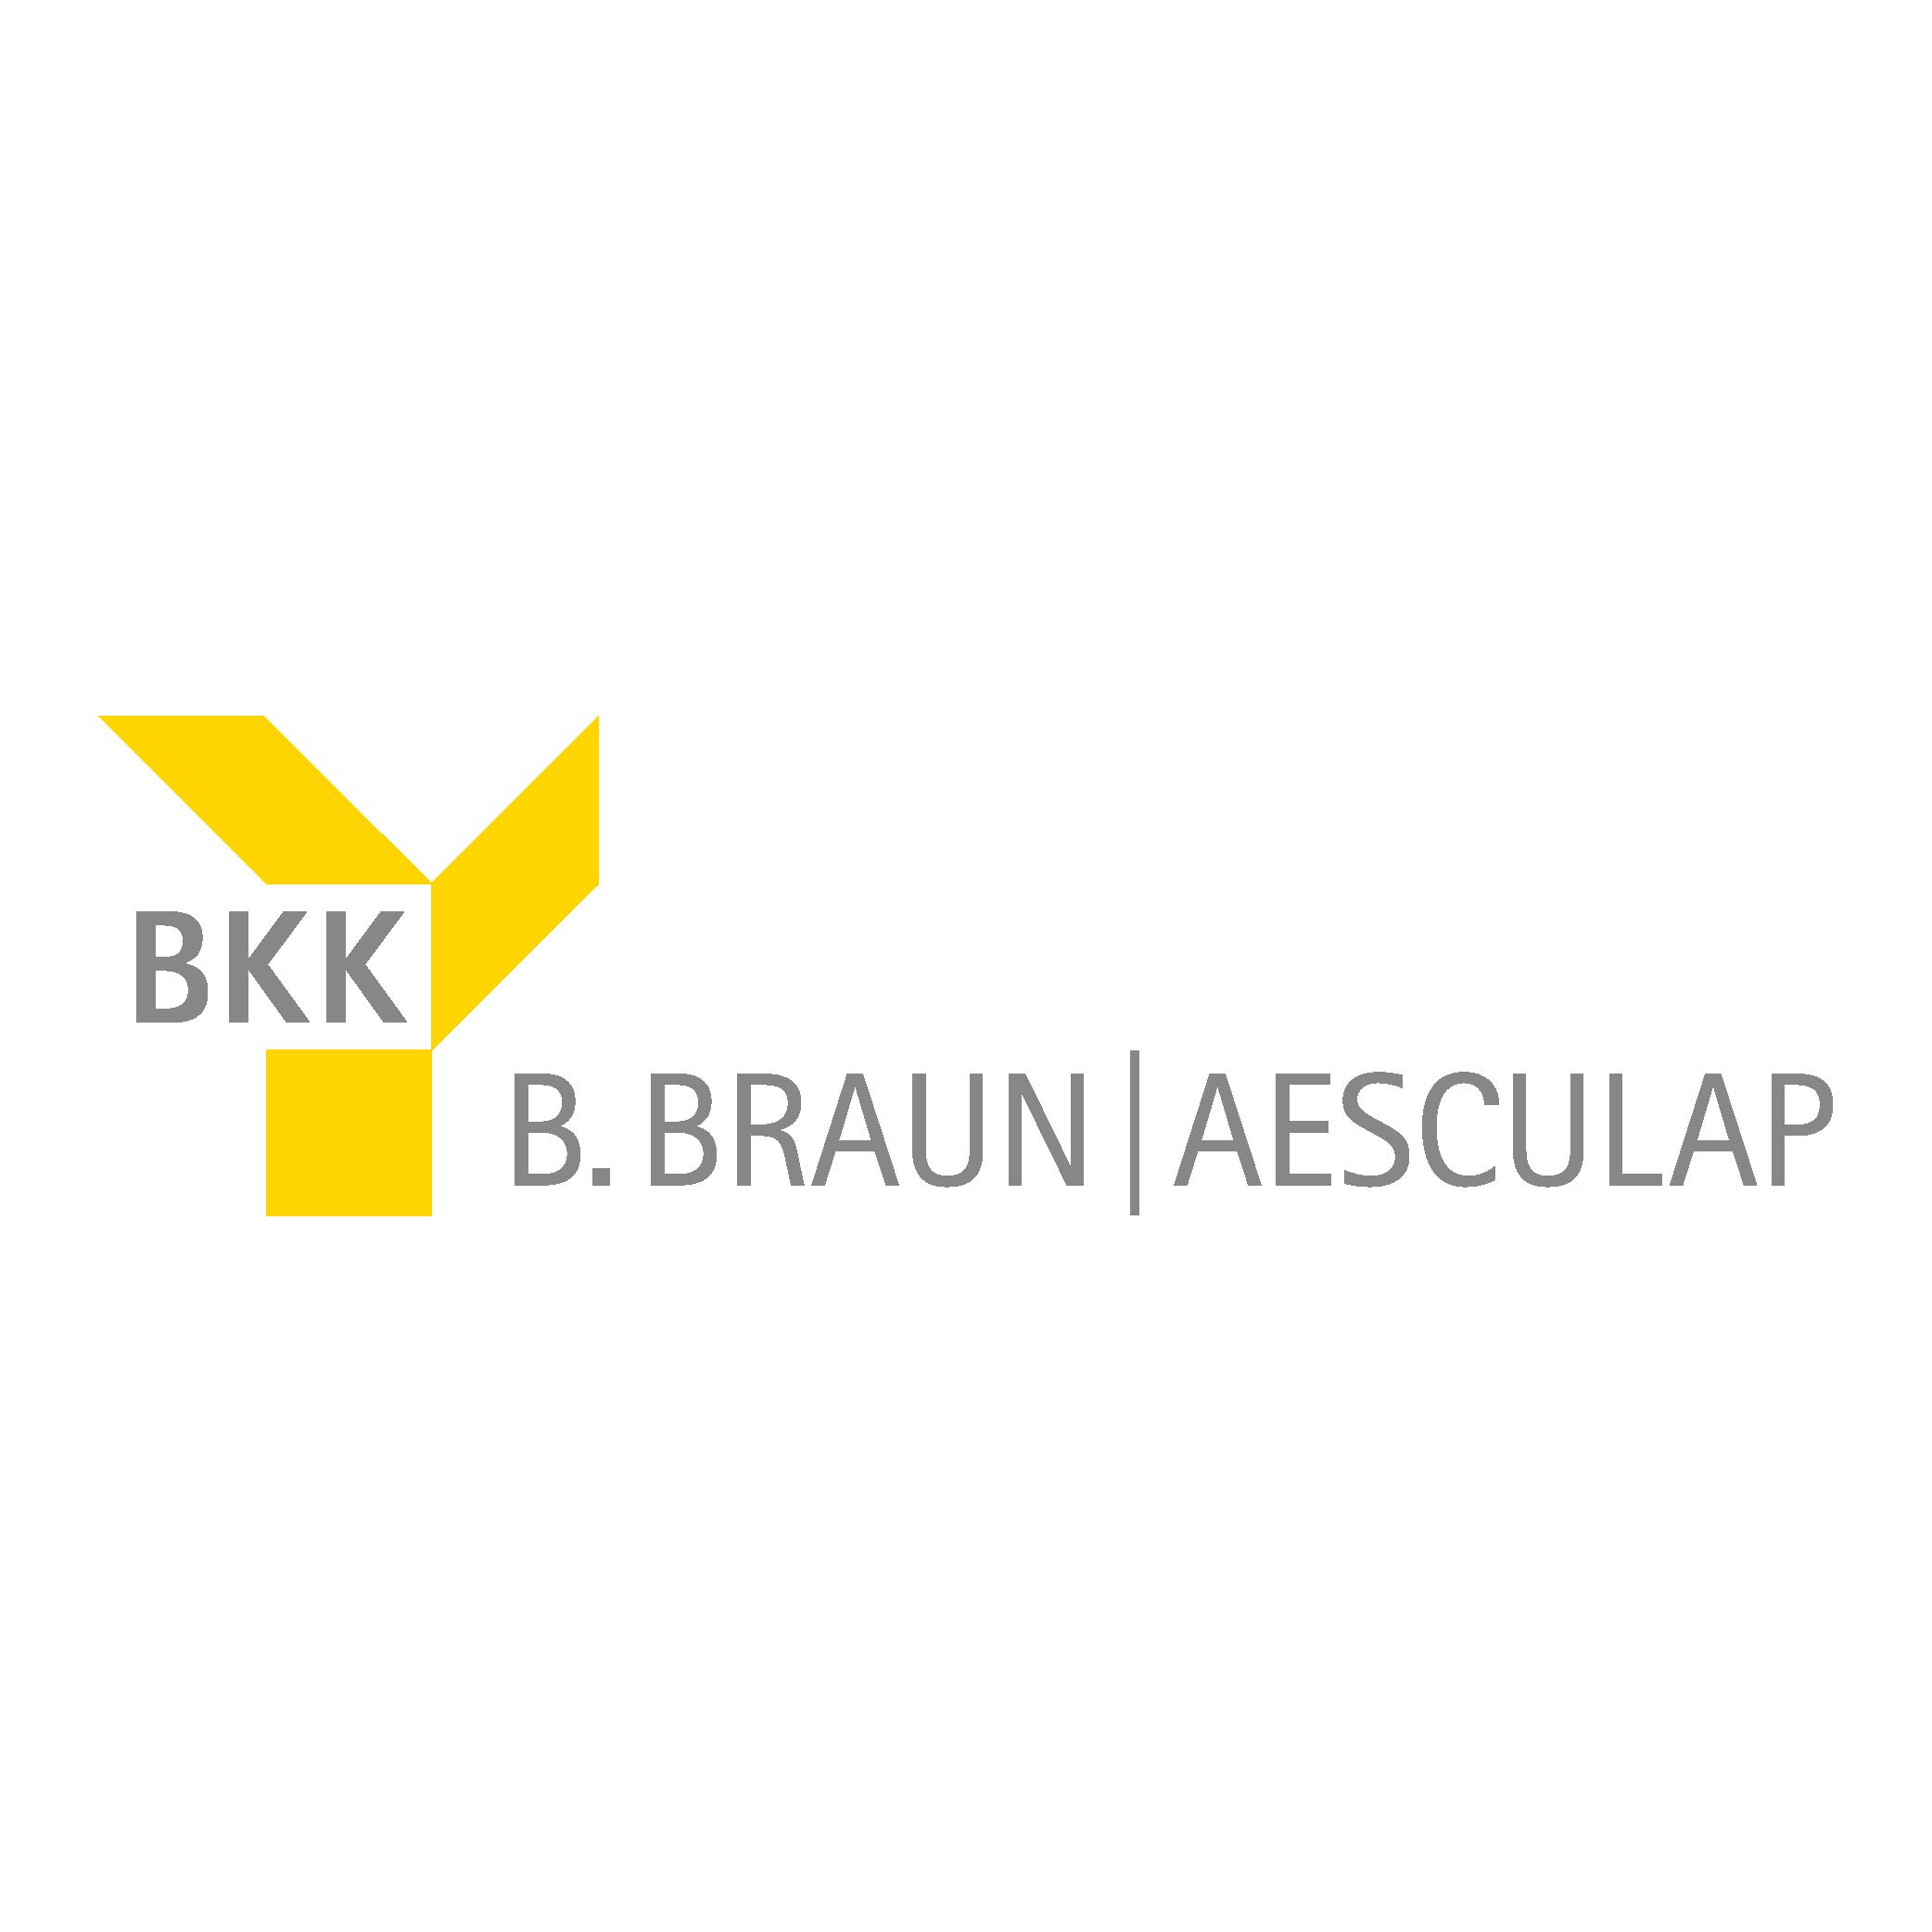 Markenzeichen der BKK Aesculap